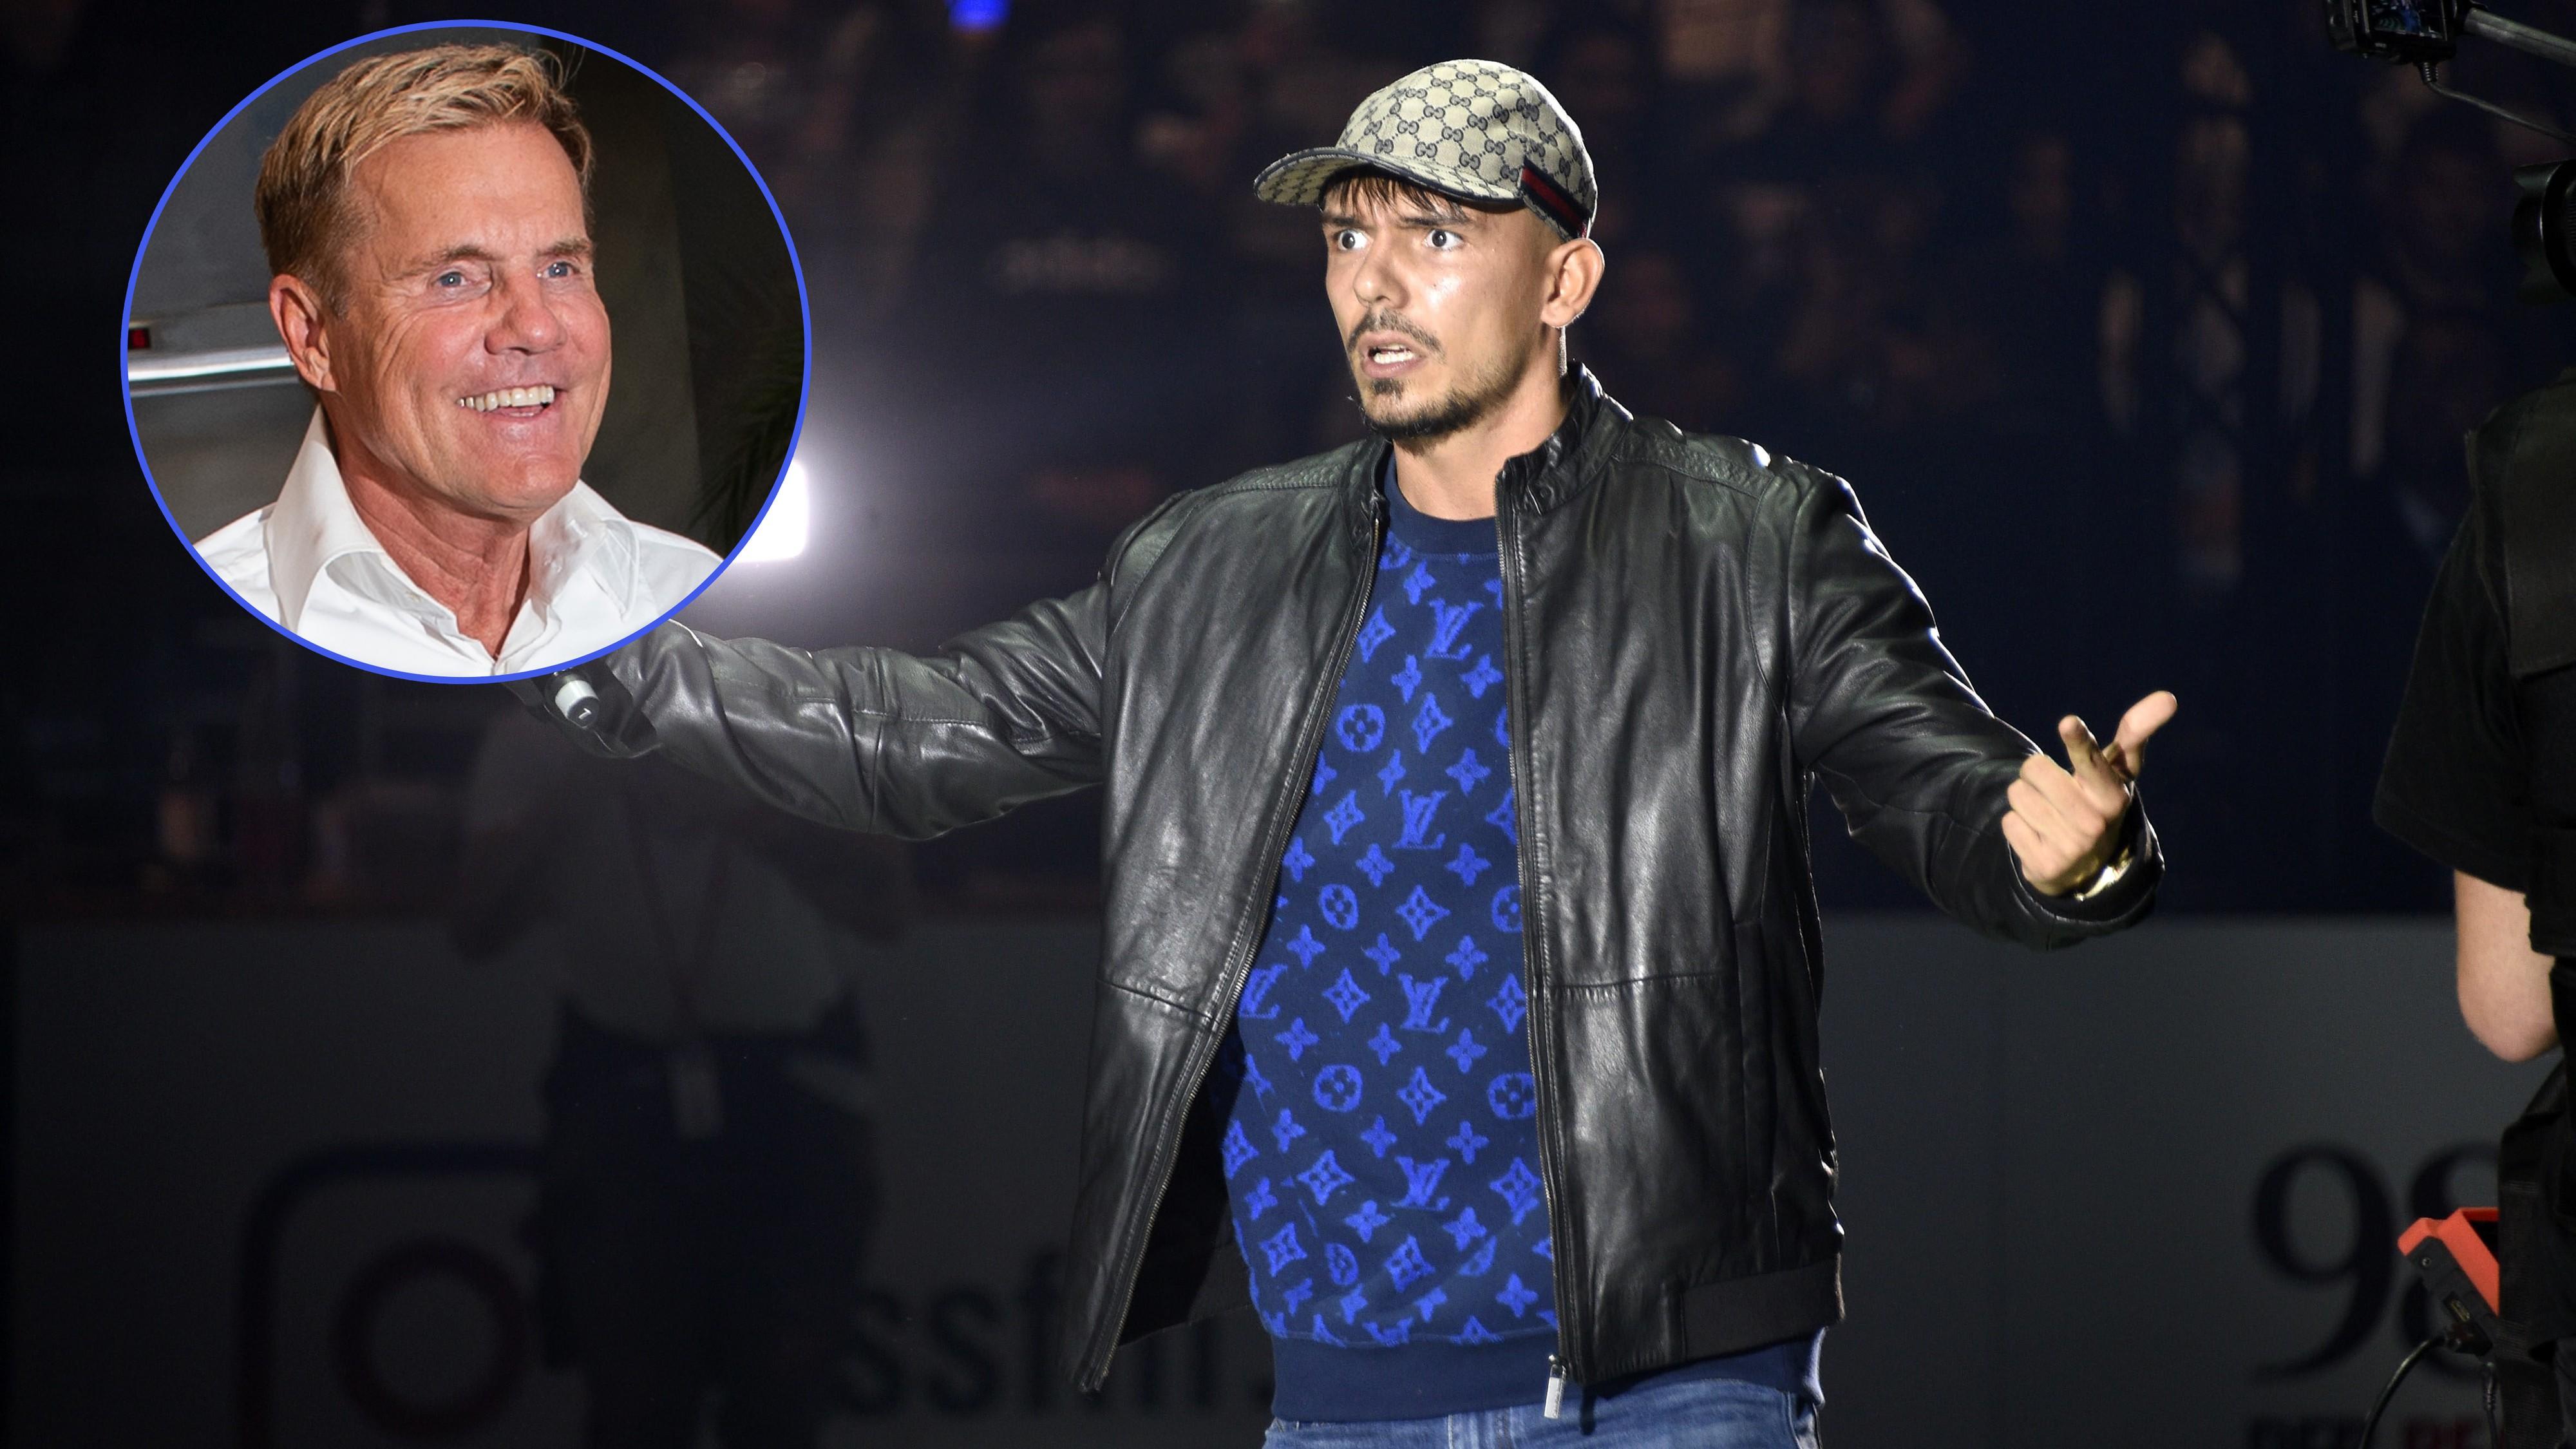 Streit vergessen: Dieter Bohlen will mit Capital Bra Song produzieren